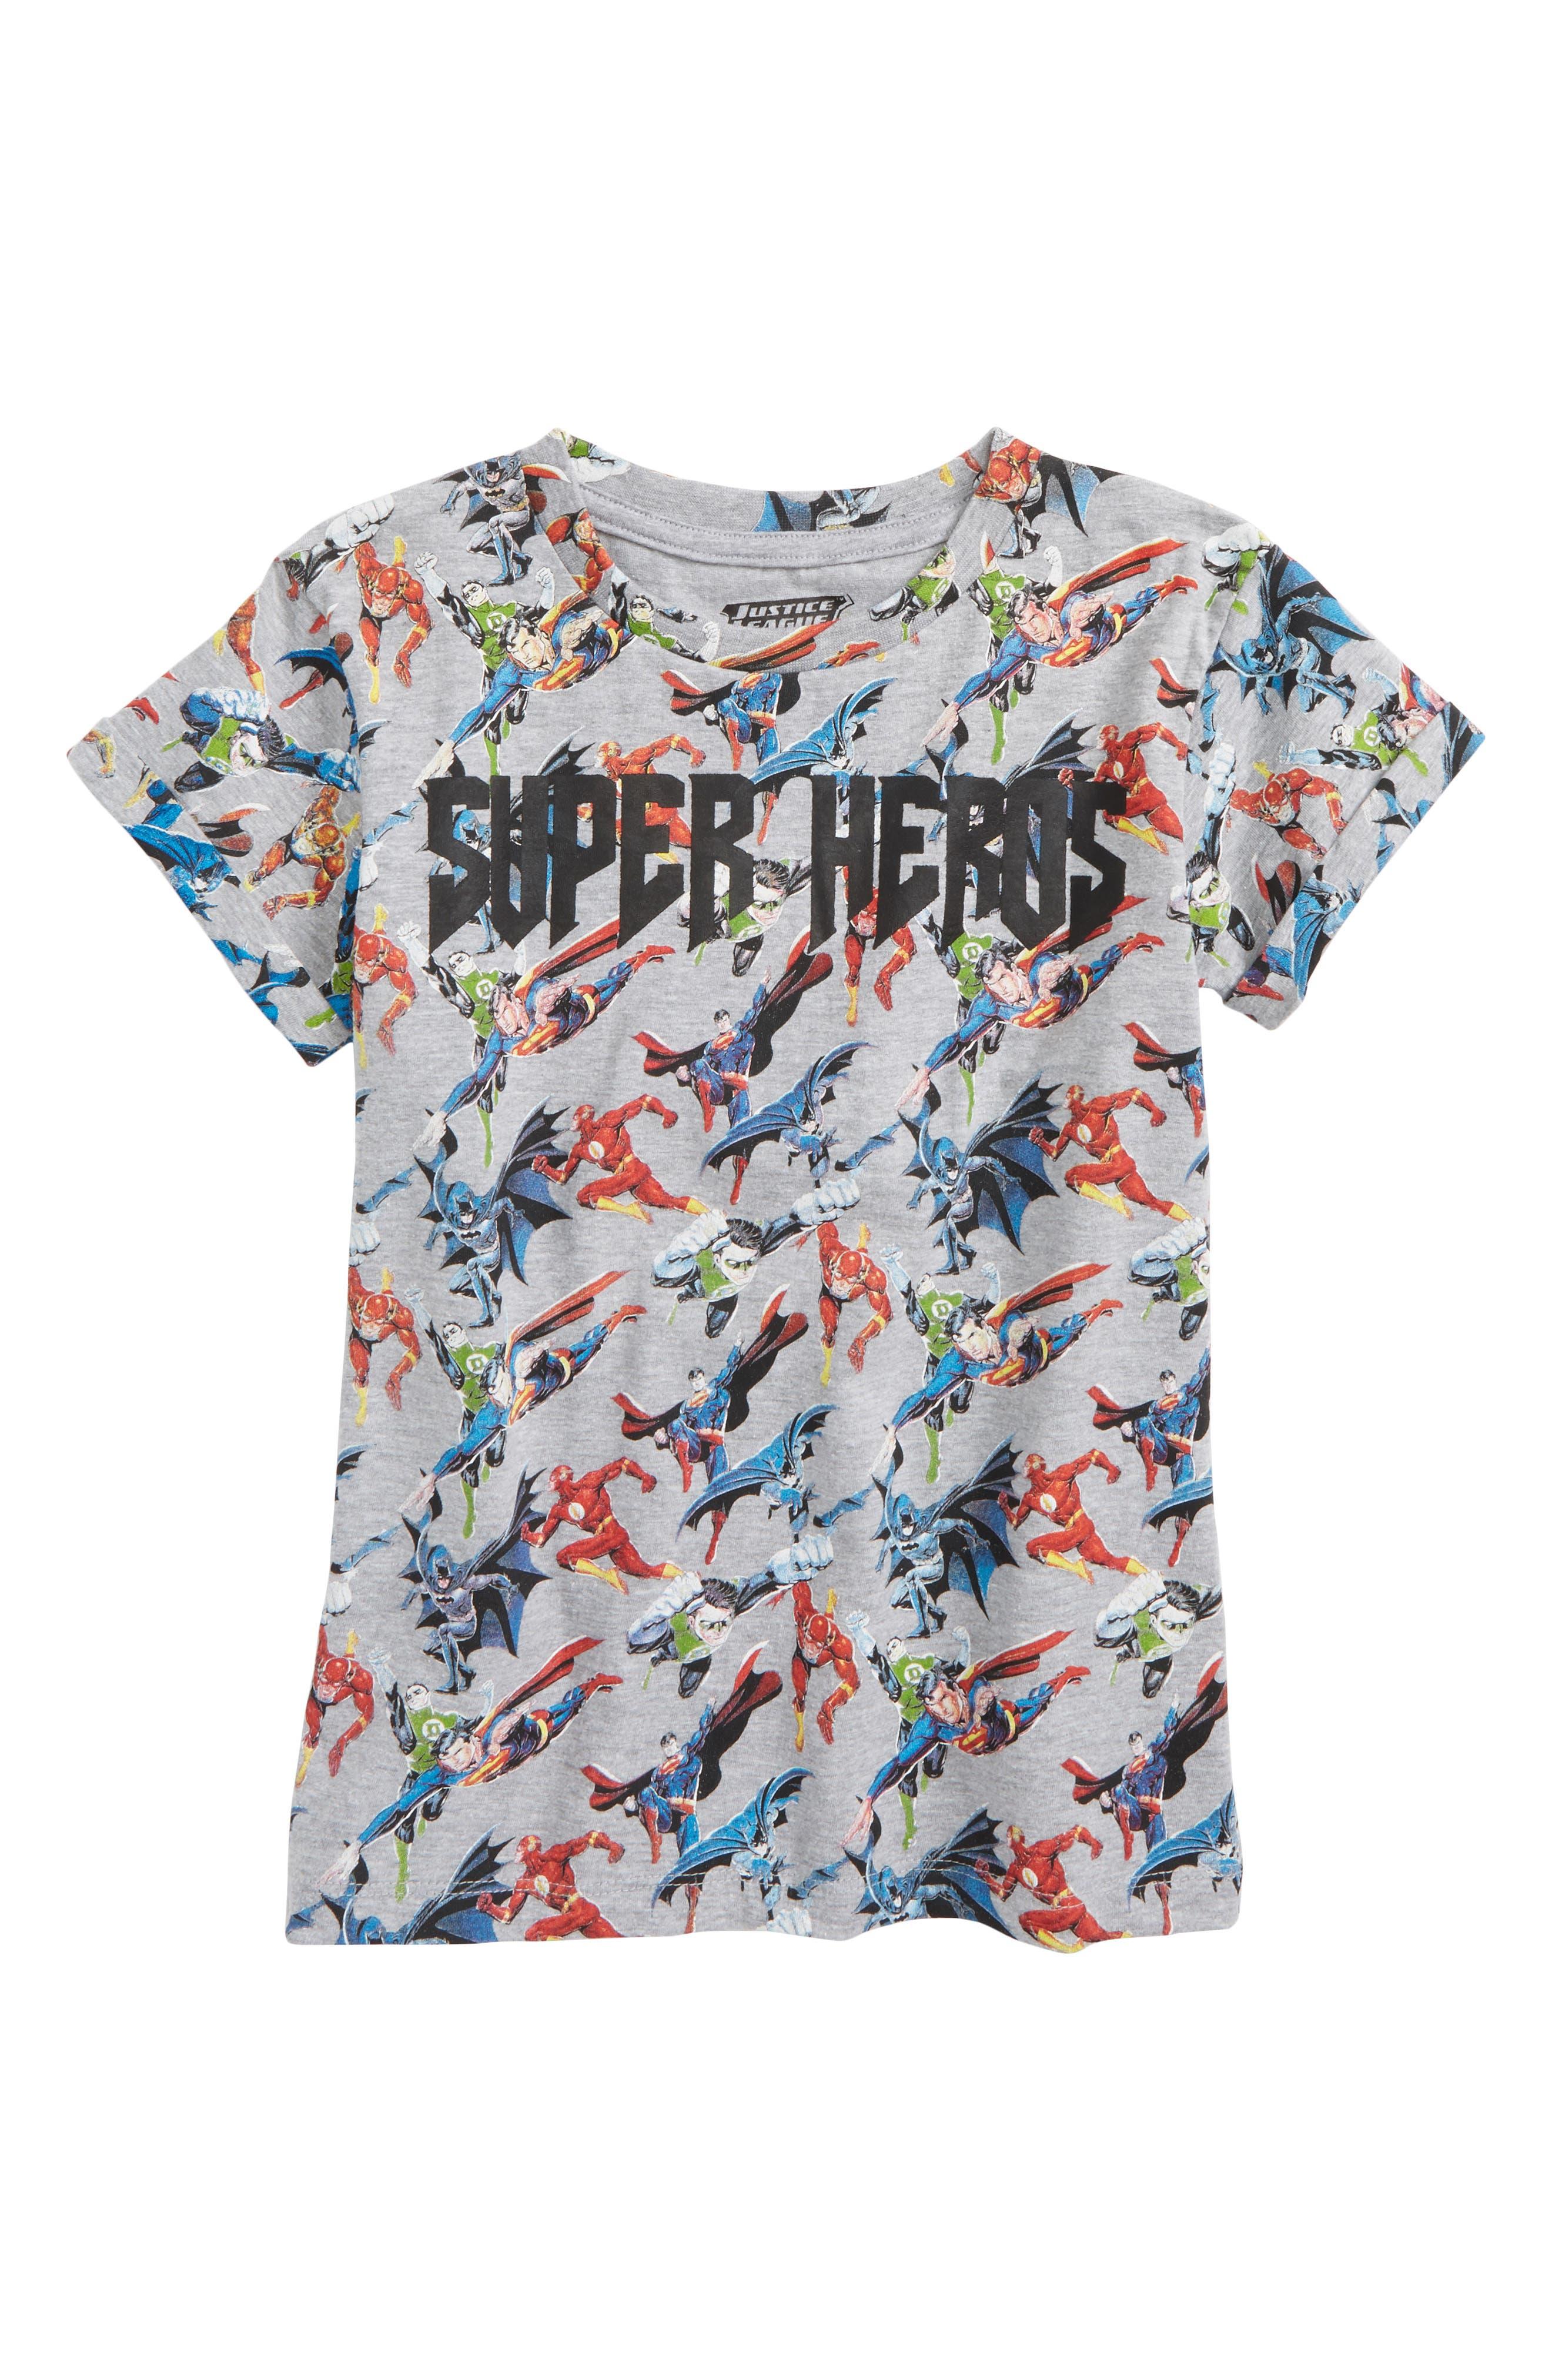 Super Heroes T-Shirt,                         Main,                         color, 020